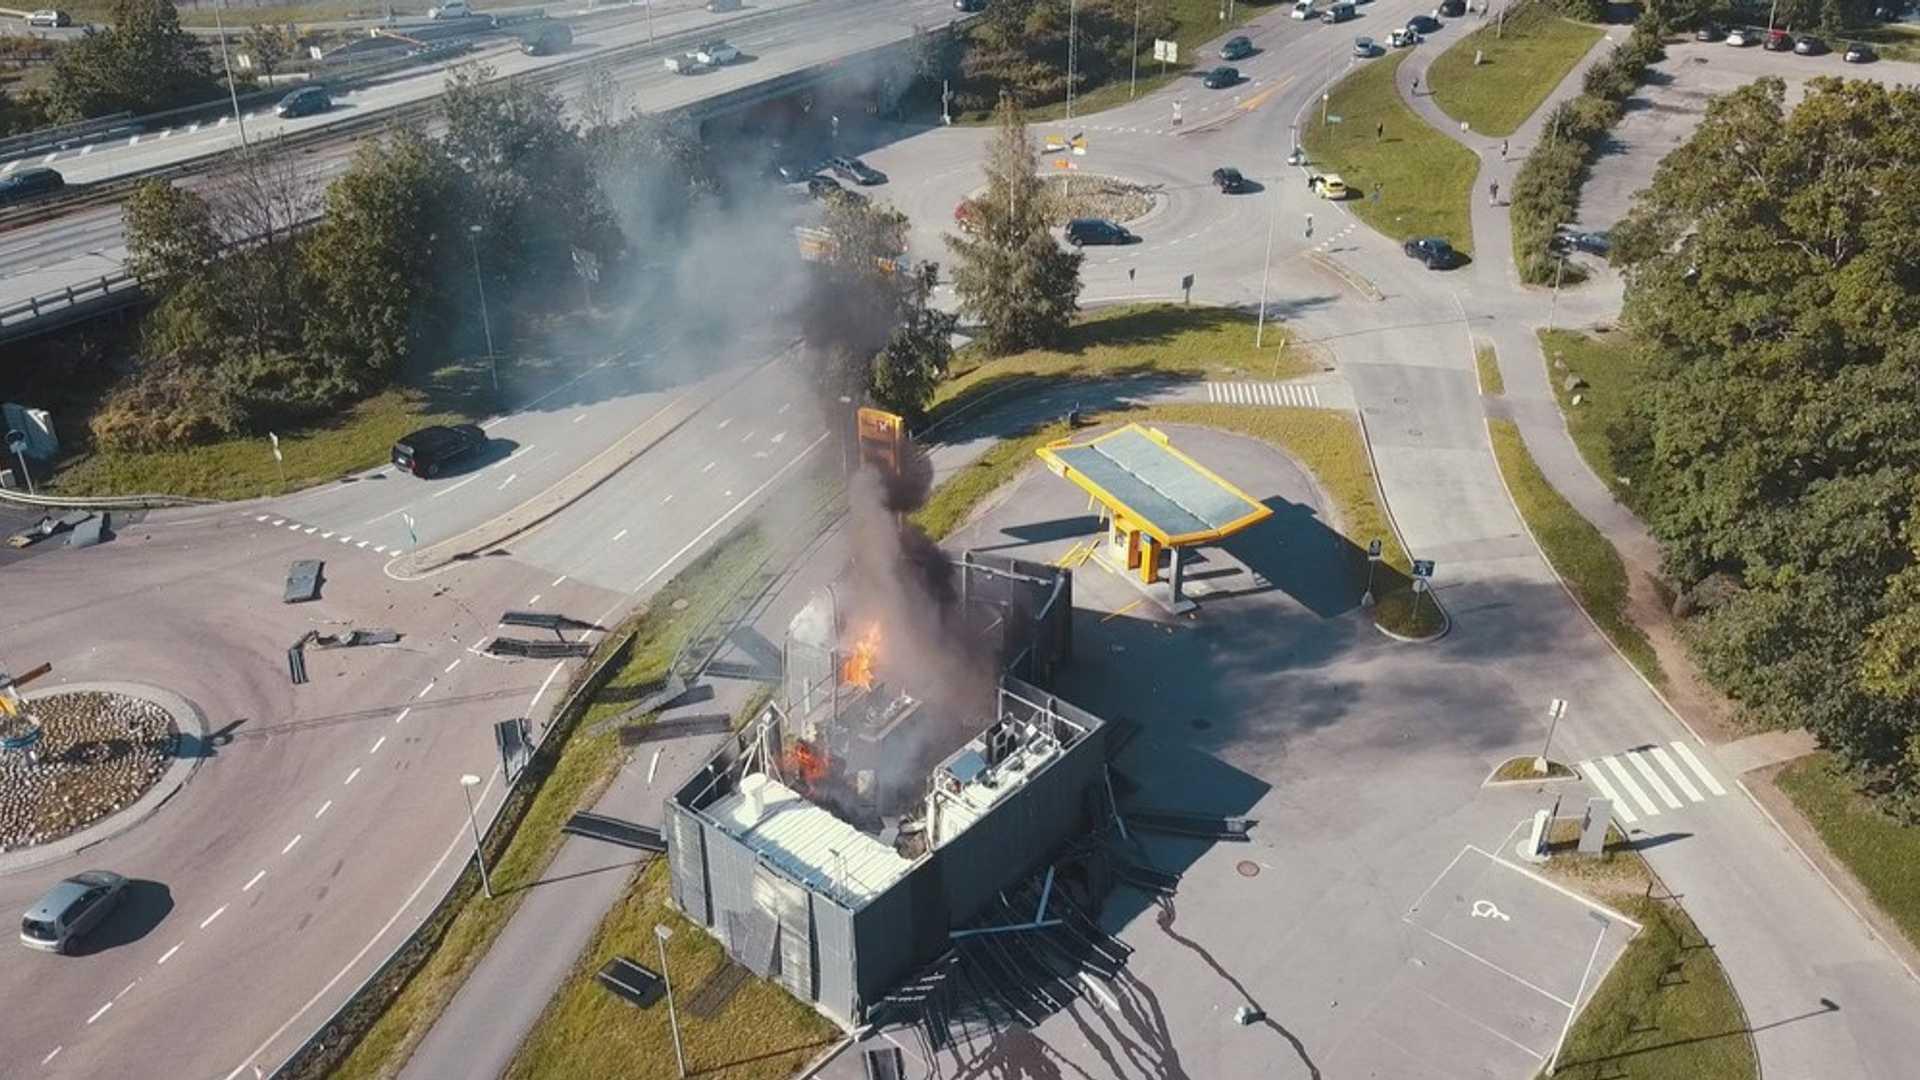 挪威加氢站爆炸致该地区氢燃料供给中断,FCV销售暂停